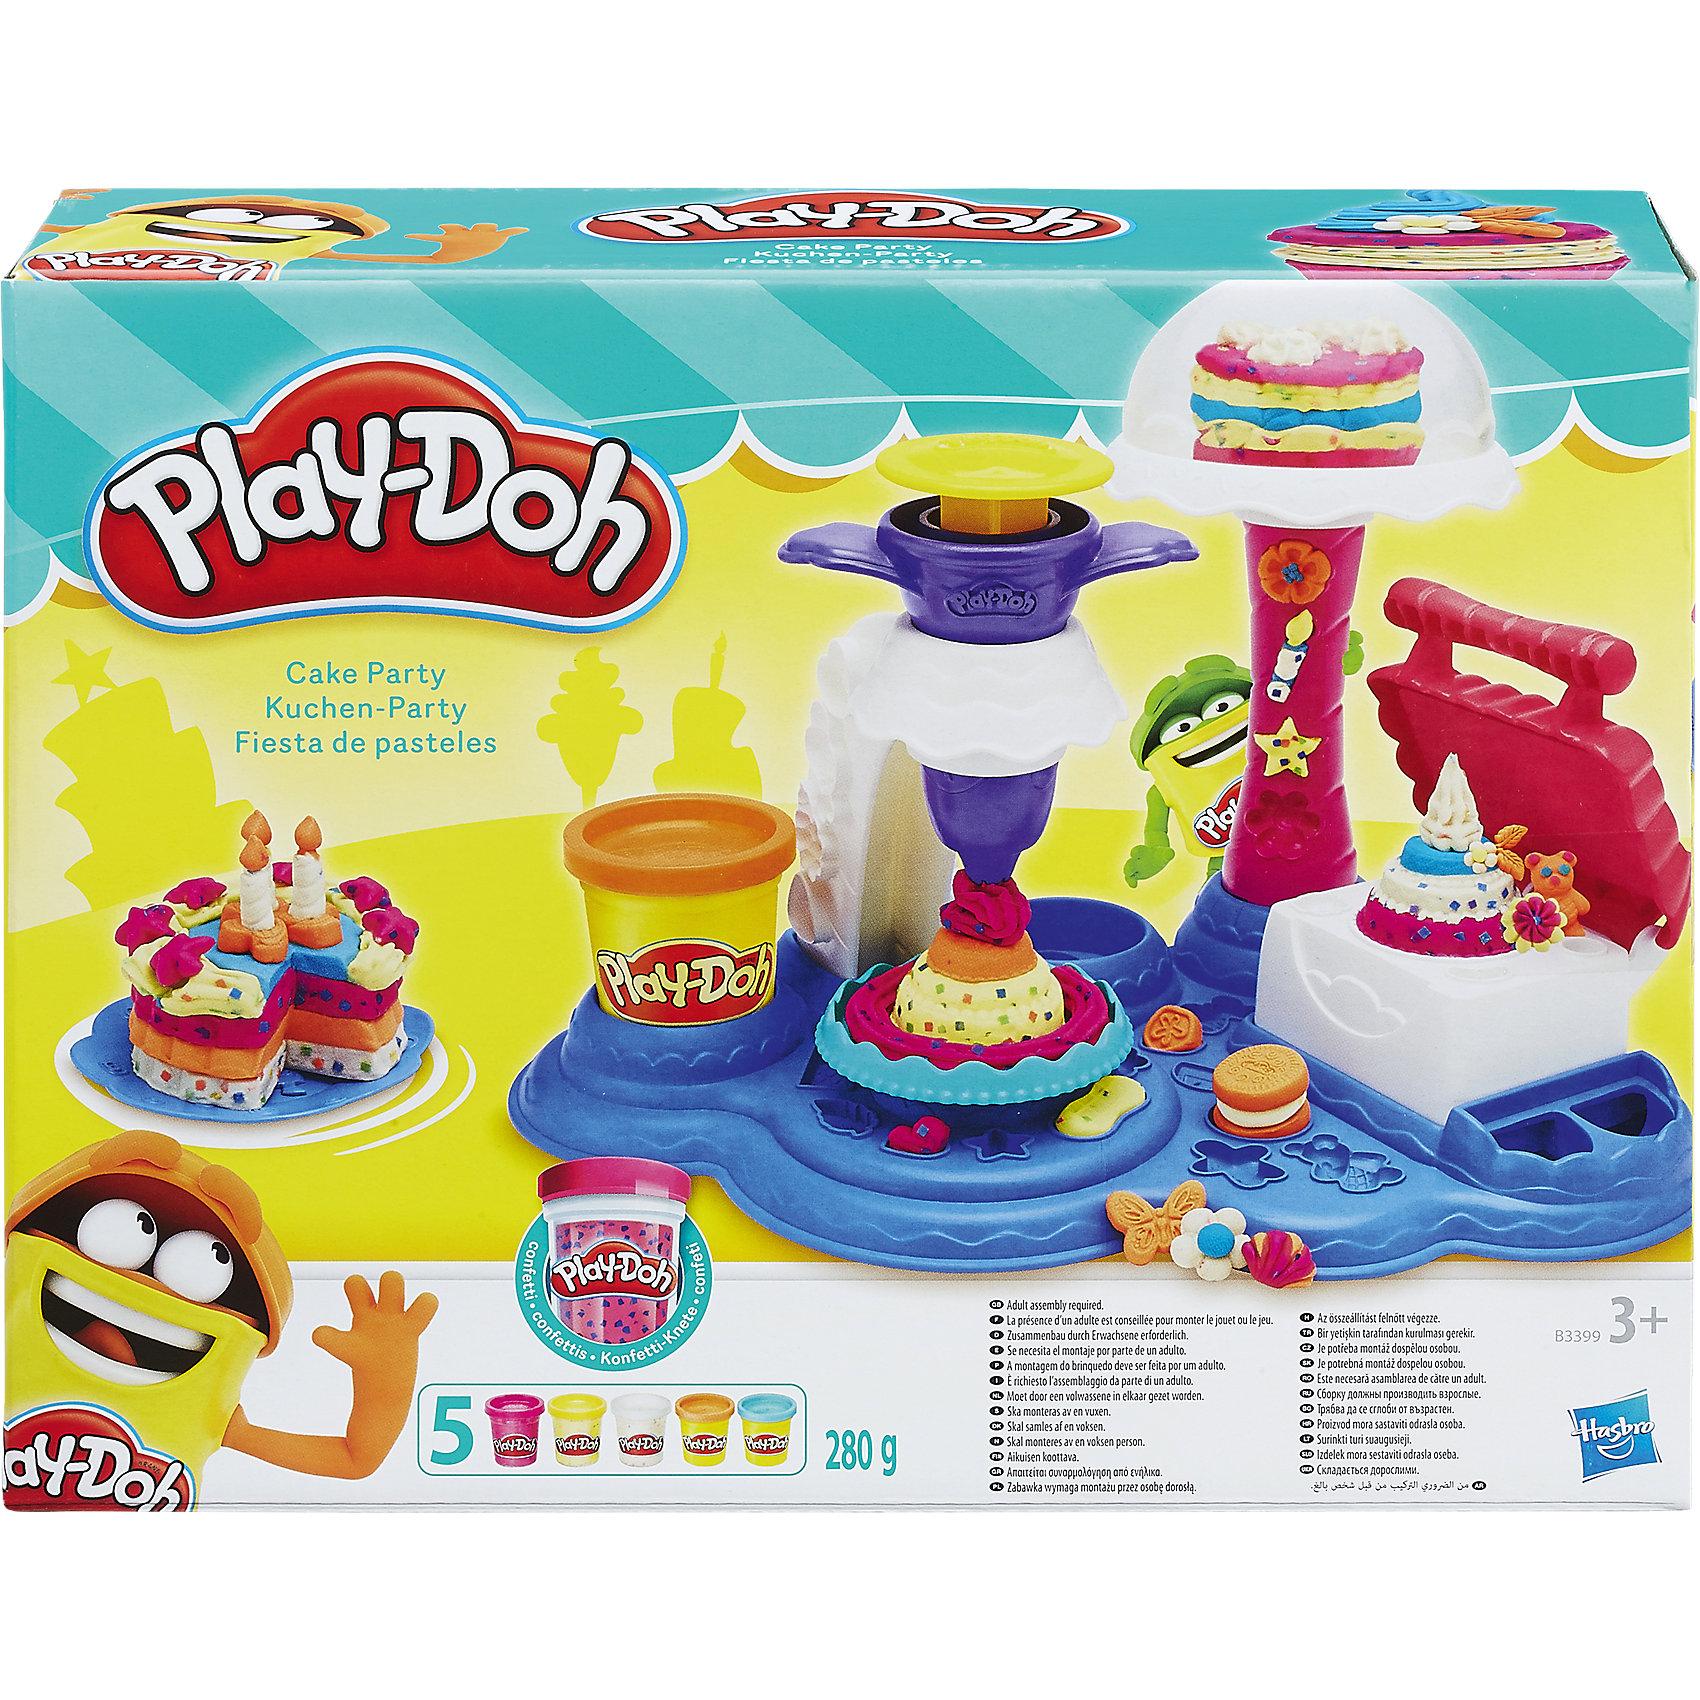 Игровой набор Сладкая вечеринка, Play-DohПластилин<br>Игровой набор Play-Doh - это множество приспособлений и формочек, благодаря которым ваш ребенок сможет устроить свою сладкую вечеринку! Комплект предназначен для лепки тортов и пирожных, а какой именно у сладостей будет дизайн, зависит только от фантазии юного творца.  <br>Пластилин Play-Doh - уникальный материал для детского творчества. Он не прилипает к рукам, окрашен безопасным красителем, быстро высыхает и не имеет запаха. Пластилин сделан на основе натуральных съедобных продуктов, поэтому даже если ребенок проглотит его, ничего страшного не случится. <br><br>Дополнительная информация:<br><br>- Материал: пластик, пластилин.<br>- Размер упаковки: 21,5х28,8х8 см.<br>- Комплектация: чудо-печка, подставка для угощений, экструдер, вилка, ножик, шпатель, резак и подносы, 5 баночек play-doh.<br><br>Игровой набор Сладкая вечеринка, Play-Doh (Плей До), можно купить в нашем магазине.<br><br>Ширина мм: 283<br>Глубина мм: 218<br>Высота мм: 81<br>Вес г: 821<br>Возраст от месяцев: 36<br>Возраст до месяцев: 72<br>Пол: Женский<br>Возраст: Детский<br>SKU: 4319032